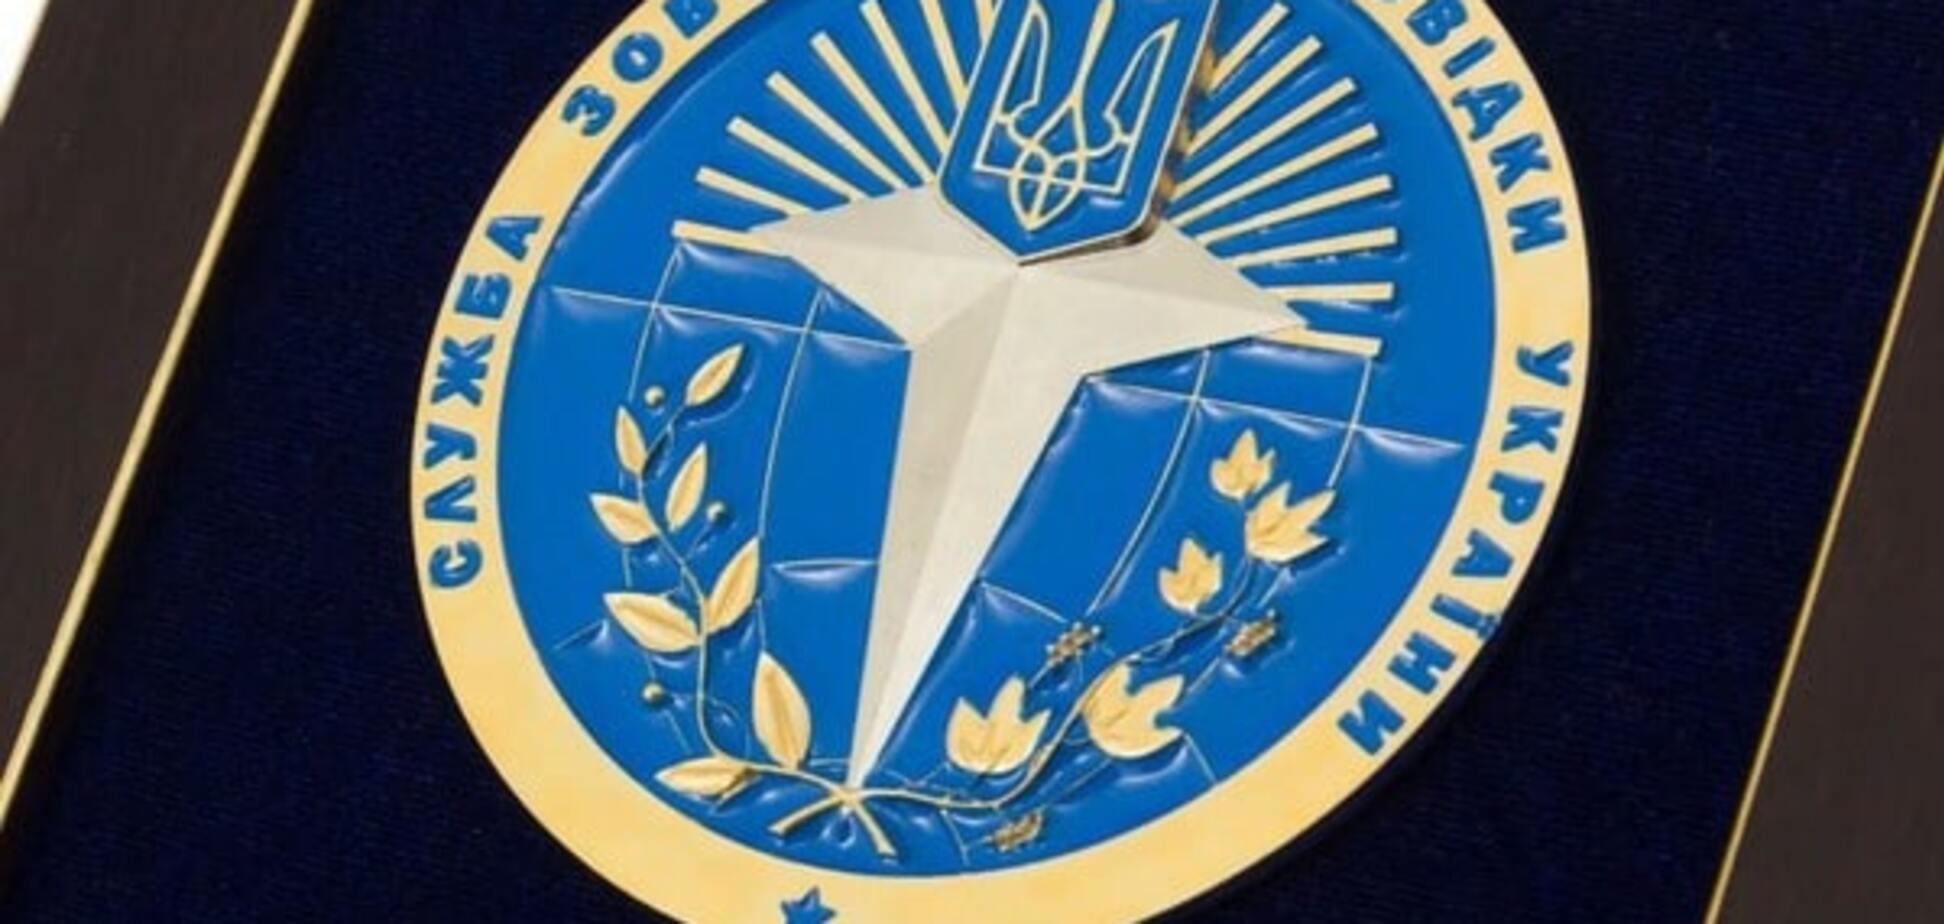 Український розвідник намагався вивезти до Криму 'цілком таємні' документи